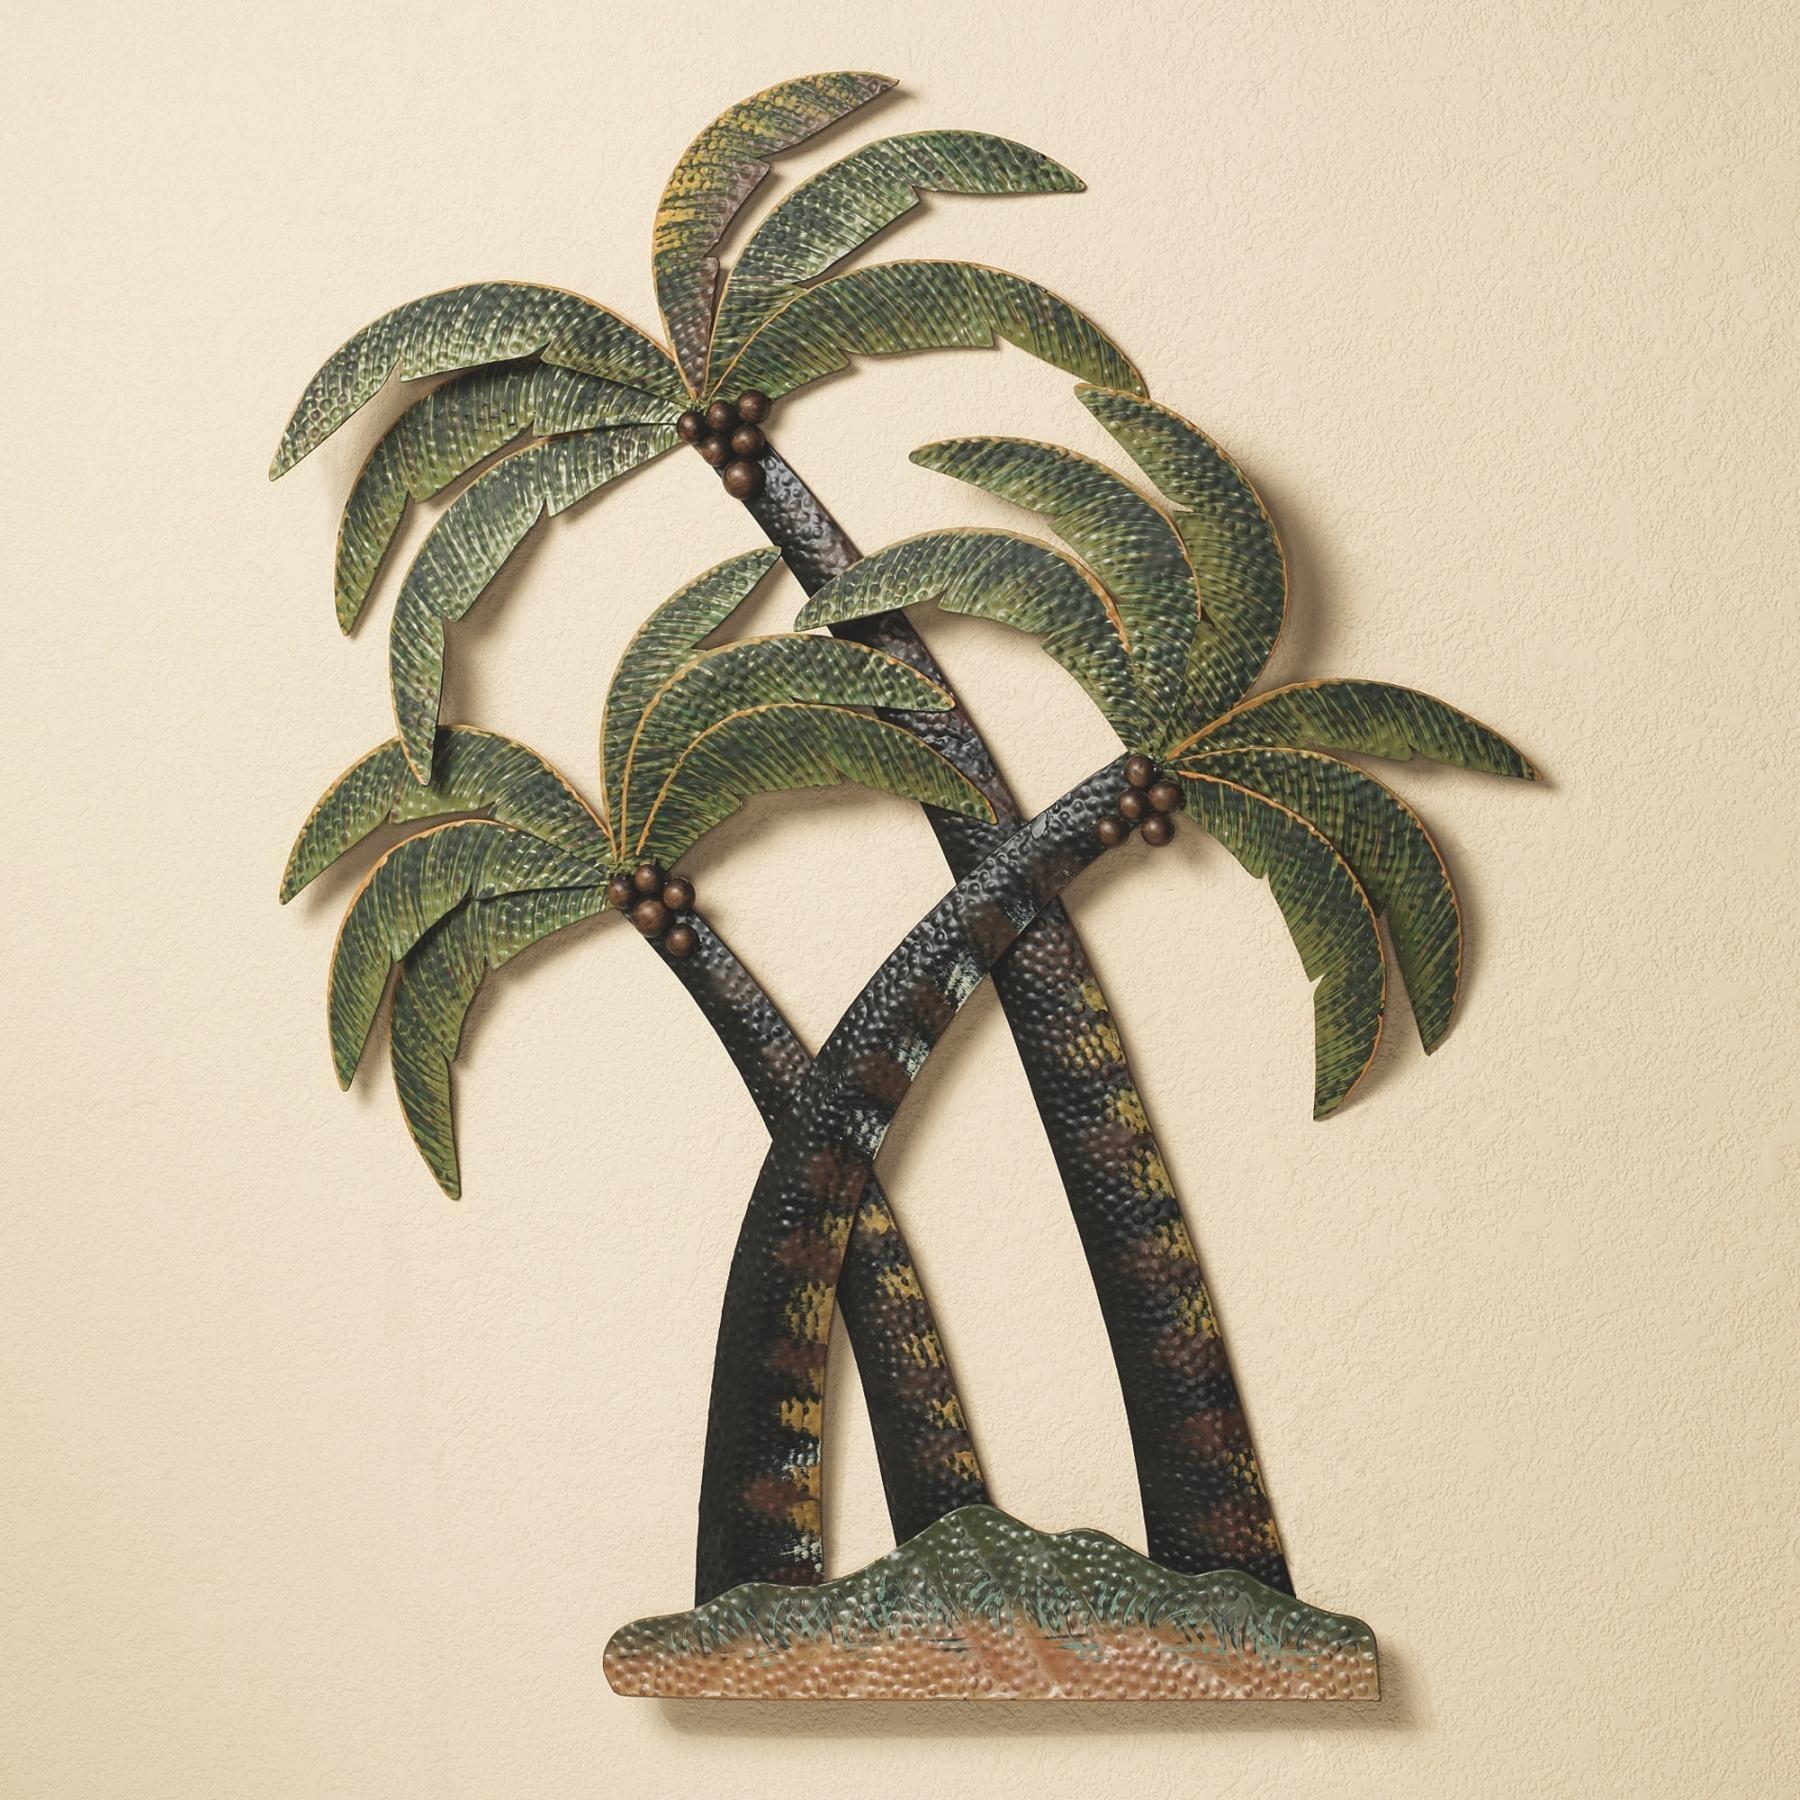 Wall Art Designs: Palm Tree Wall Art Palm Tree Bathroom Palm Trees Pertaining To Metal Wall Art For Bathroom (Image 18 of 20)